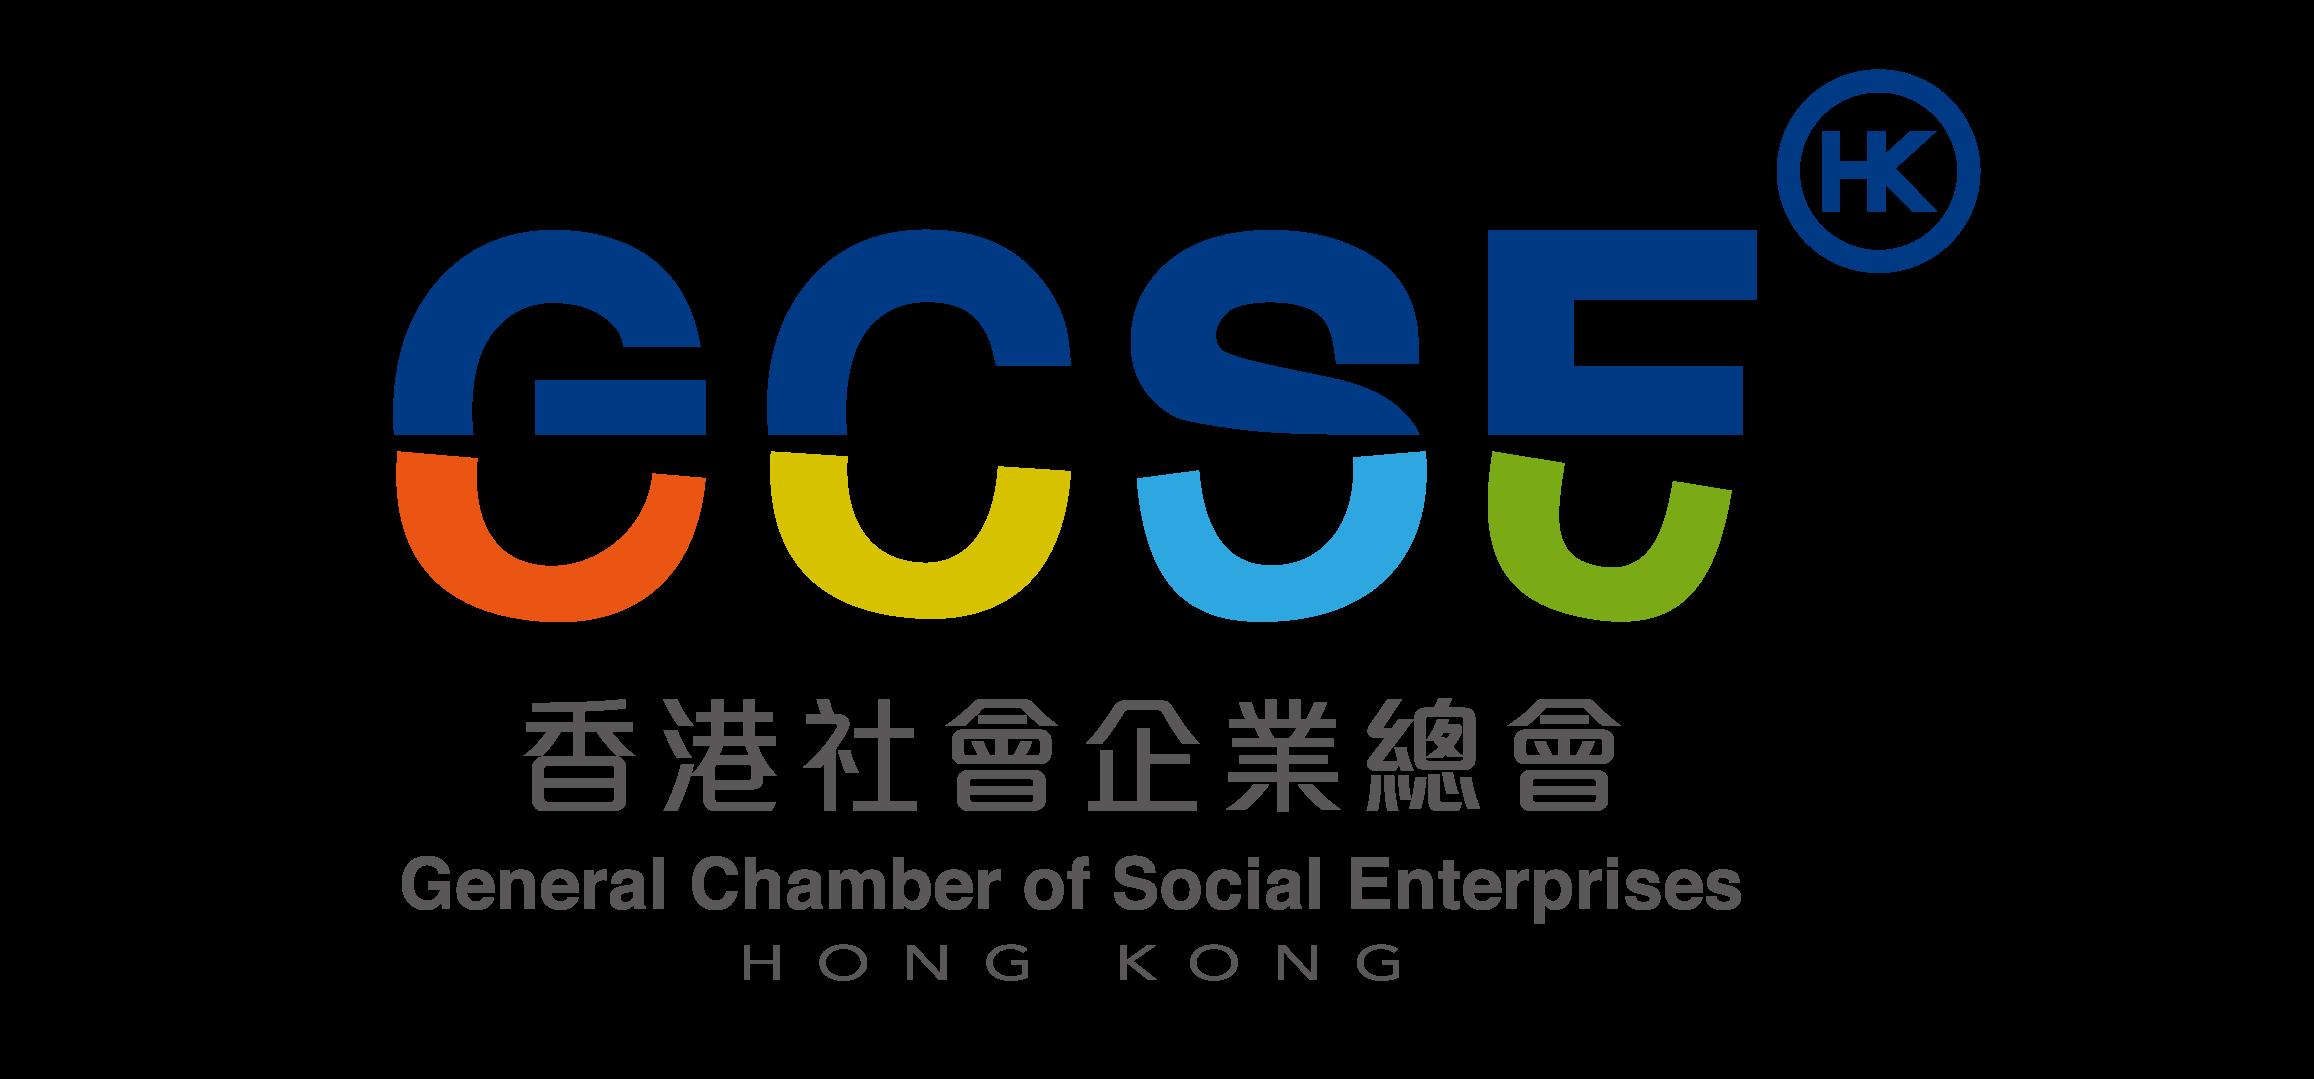 香港社会企业总会